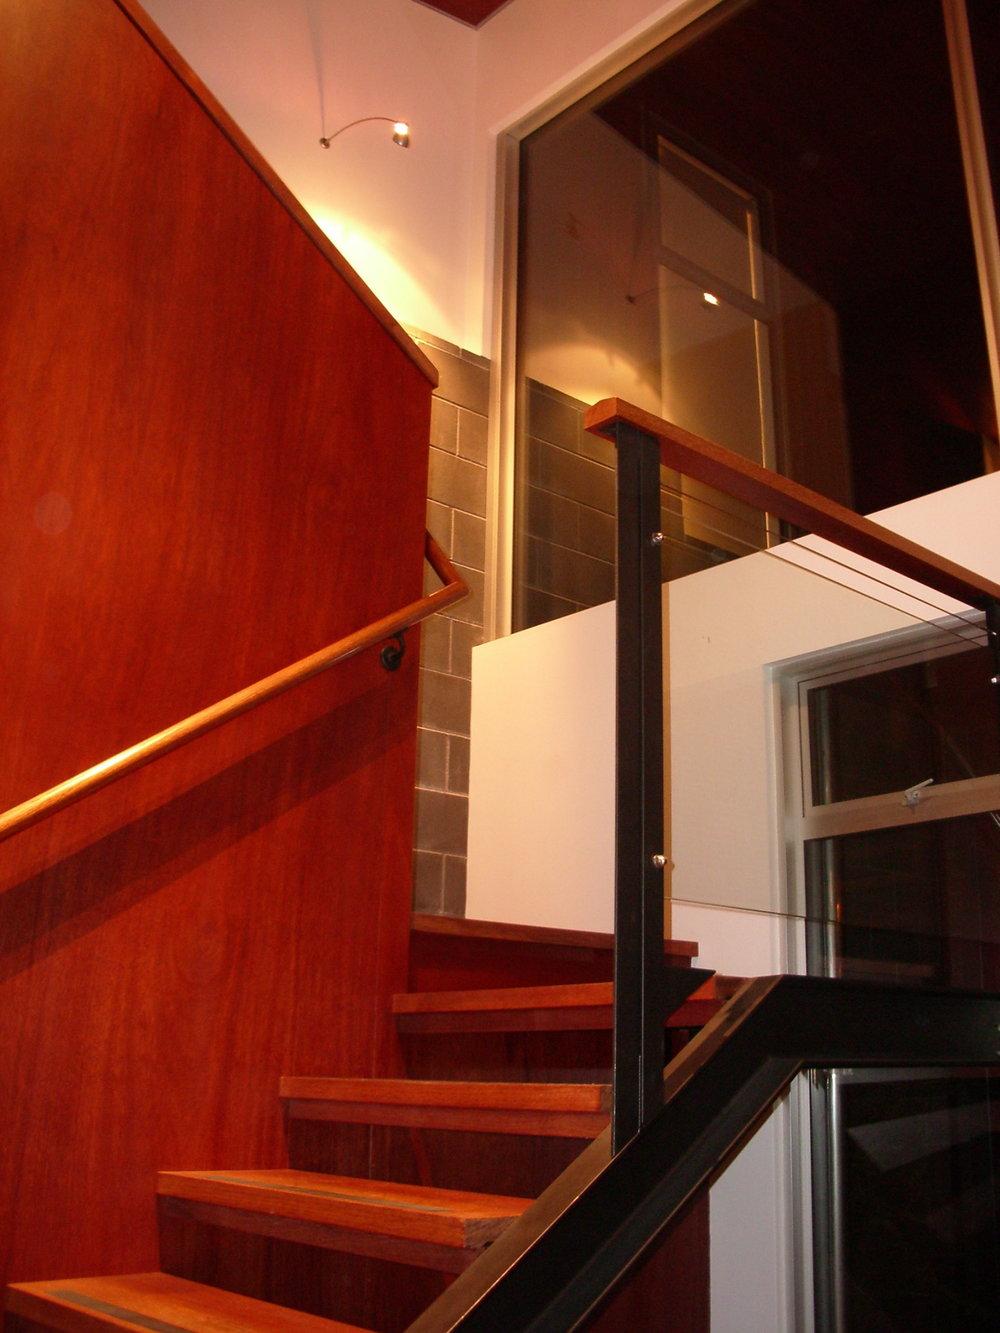 StairLanding.JPG